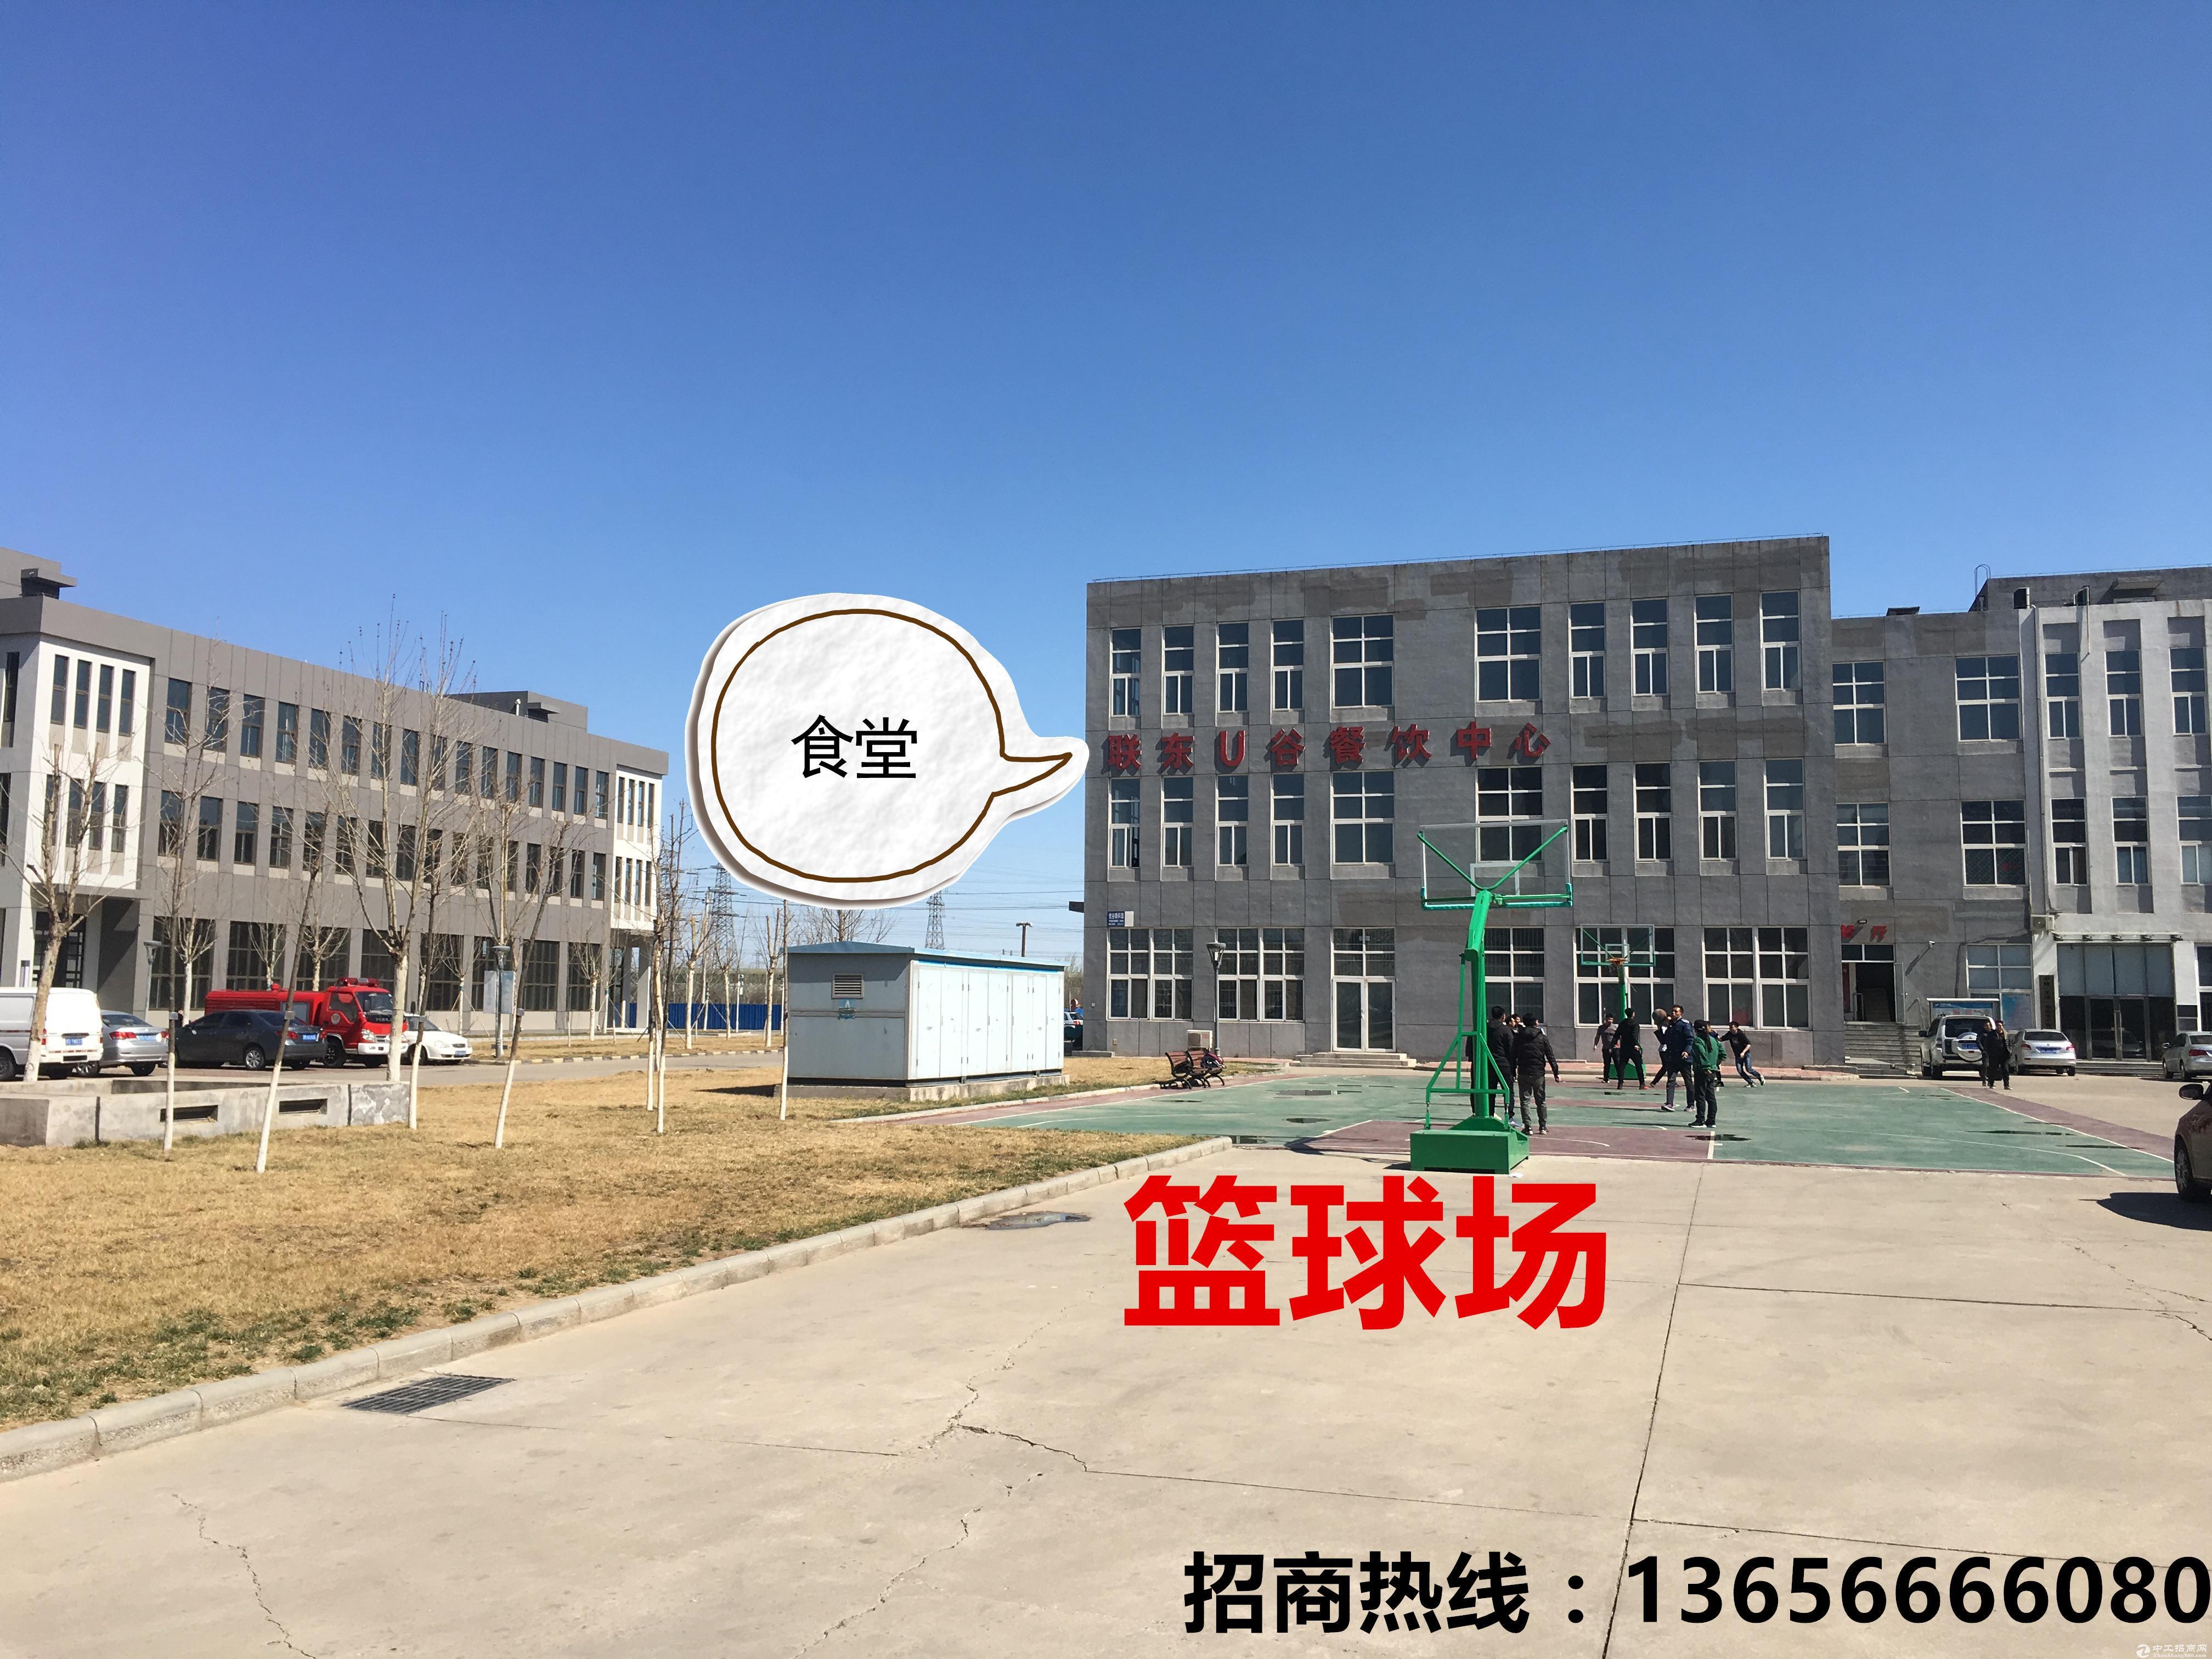 【有房本】天津能办理产证的厂房,户型齐全,可贷款可环评